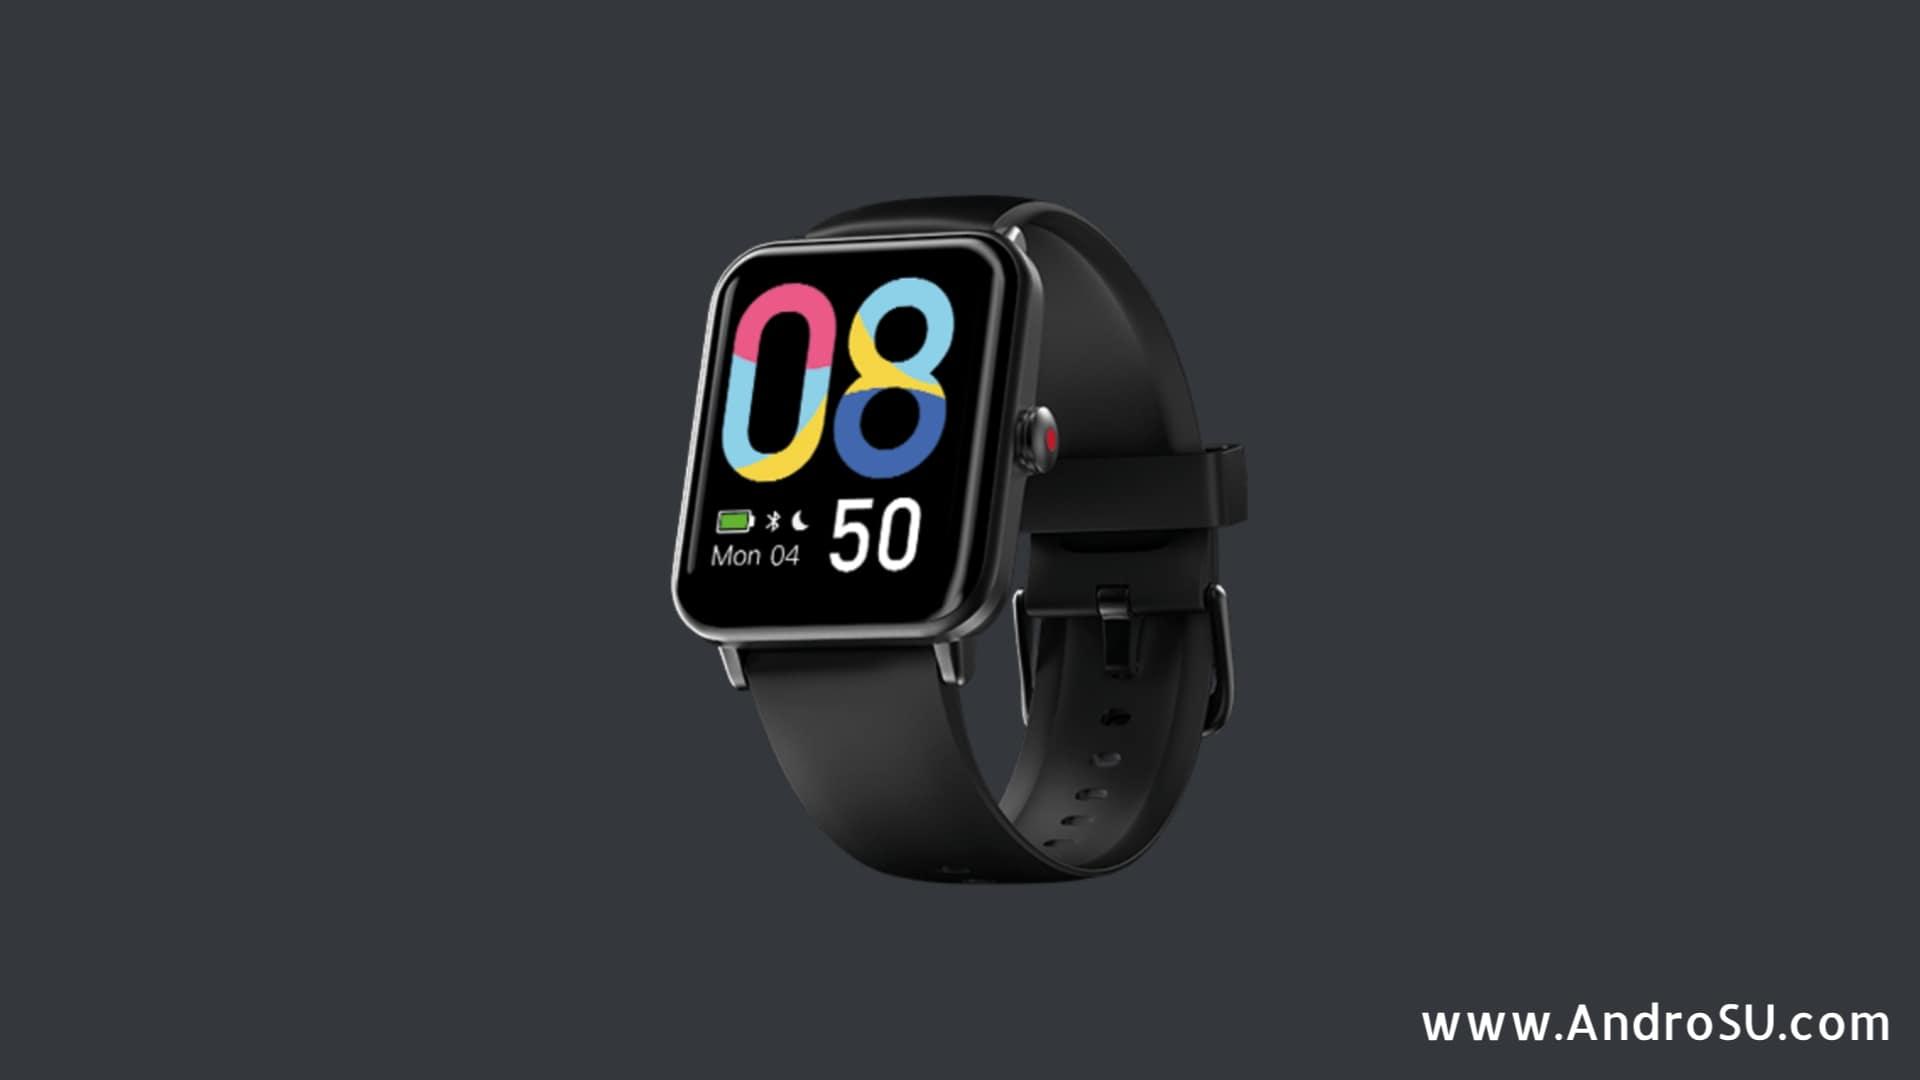 Noise Smart Watch, ColorFit Pro 3, Noise ColorFit Pro 3